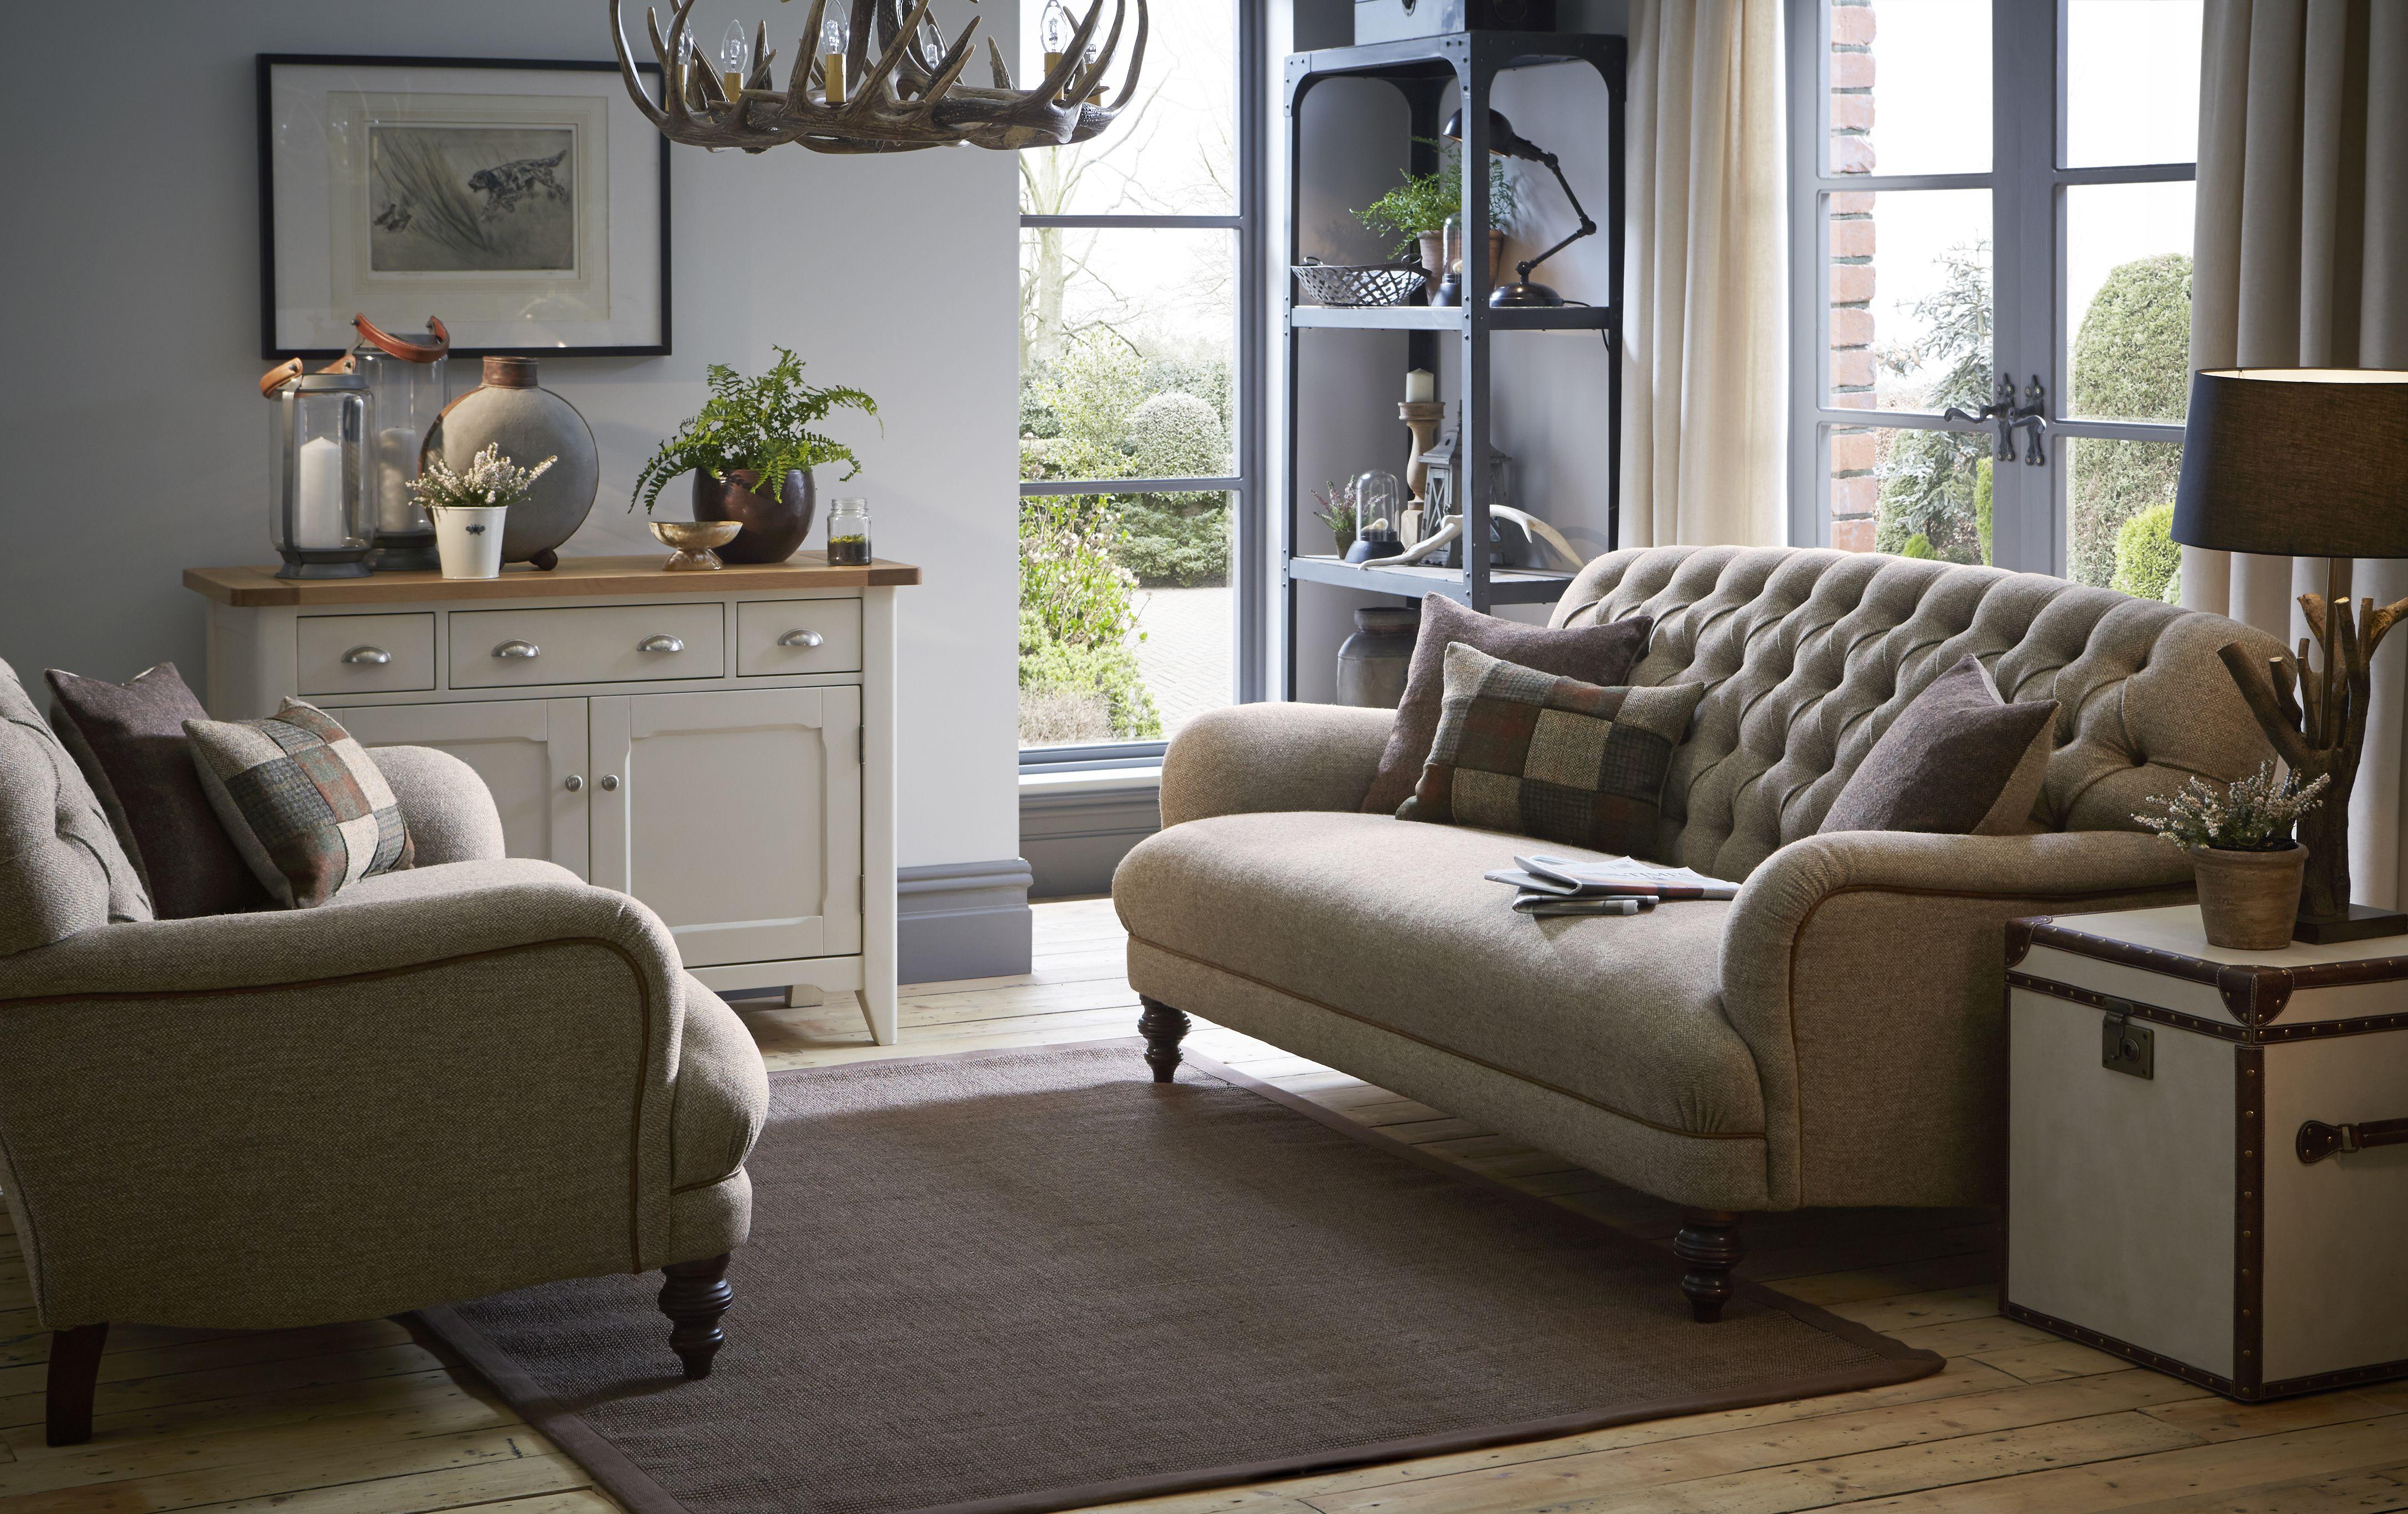 sofa harris tweed